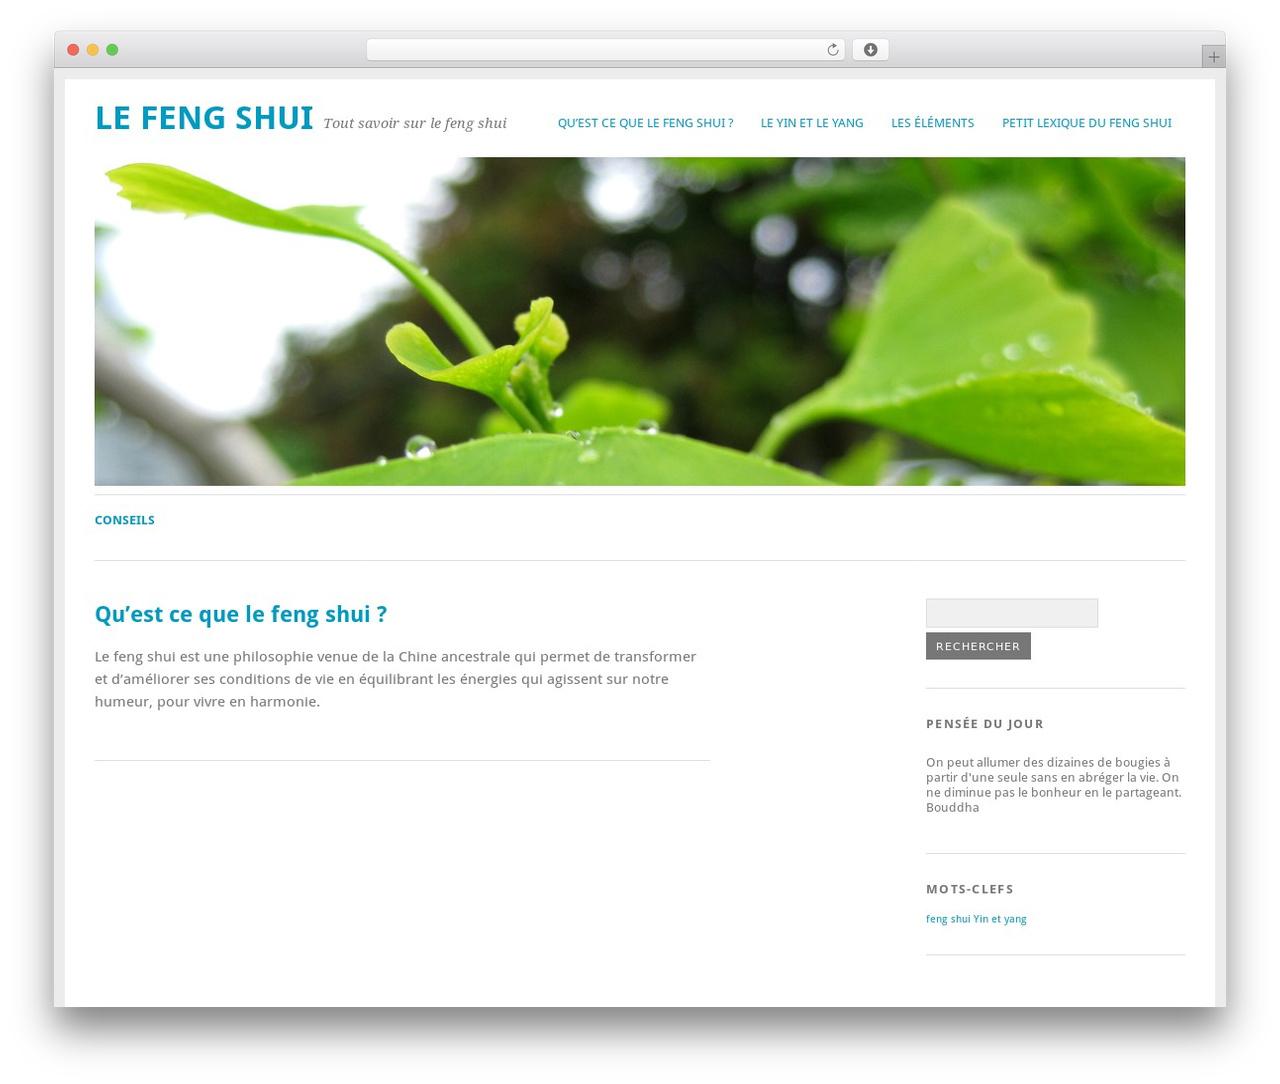 Yoko Theme Free Download By Elmastudio - Lefengshui.fr dedans Site Pour Tout Petit